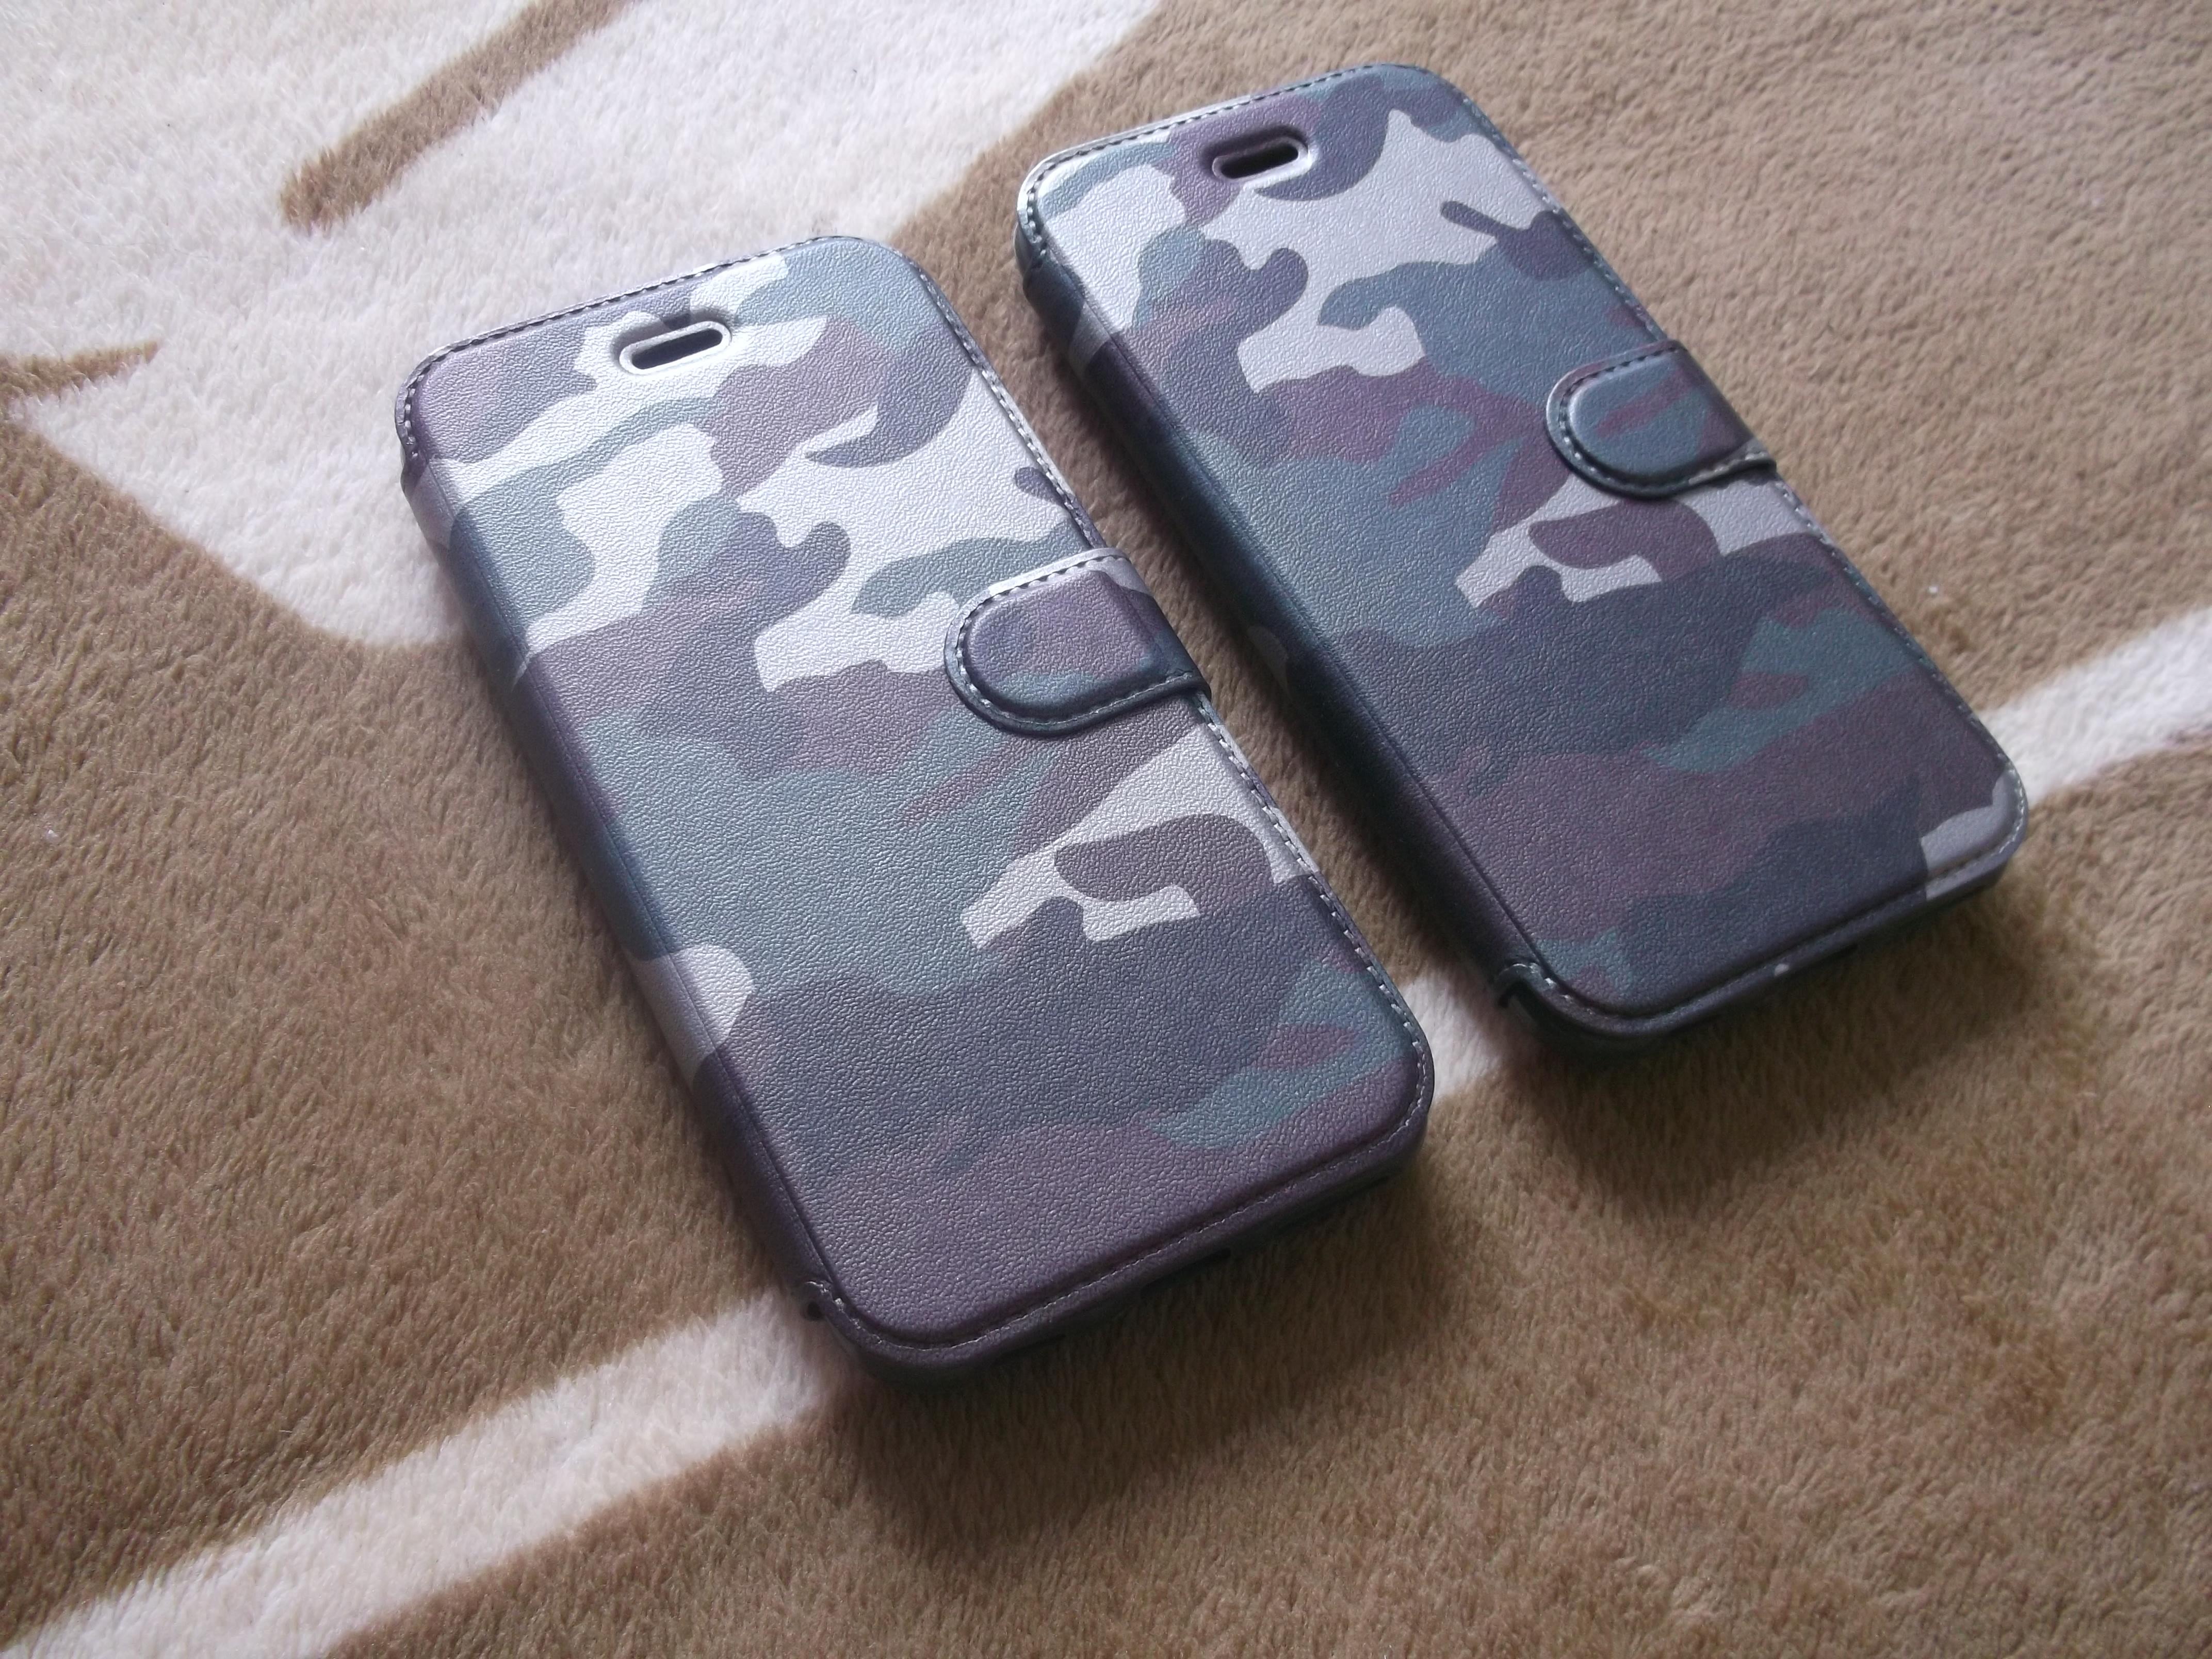 เคสเปิด-ปิด ลายพรางเขียว iphone6/6s